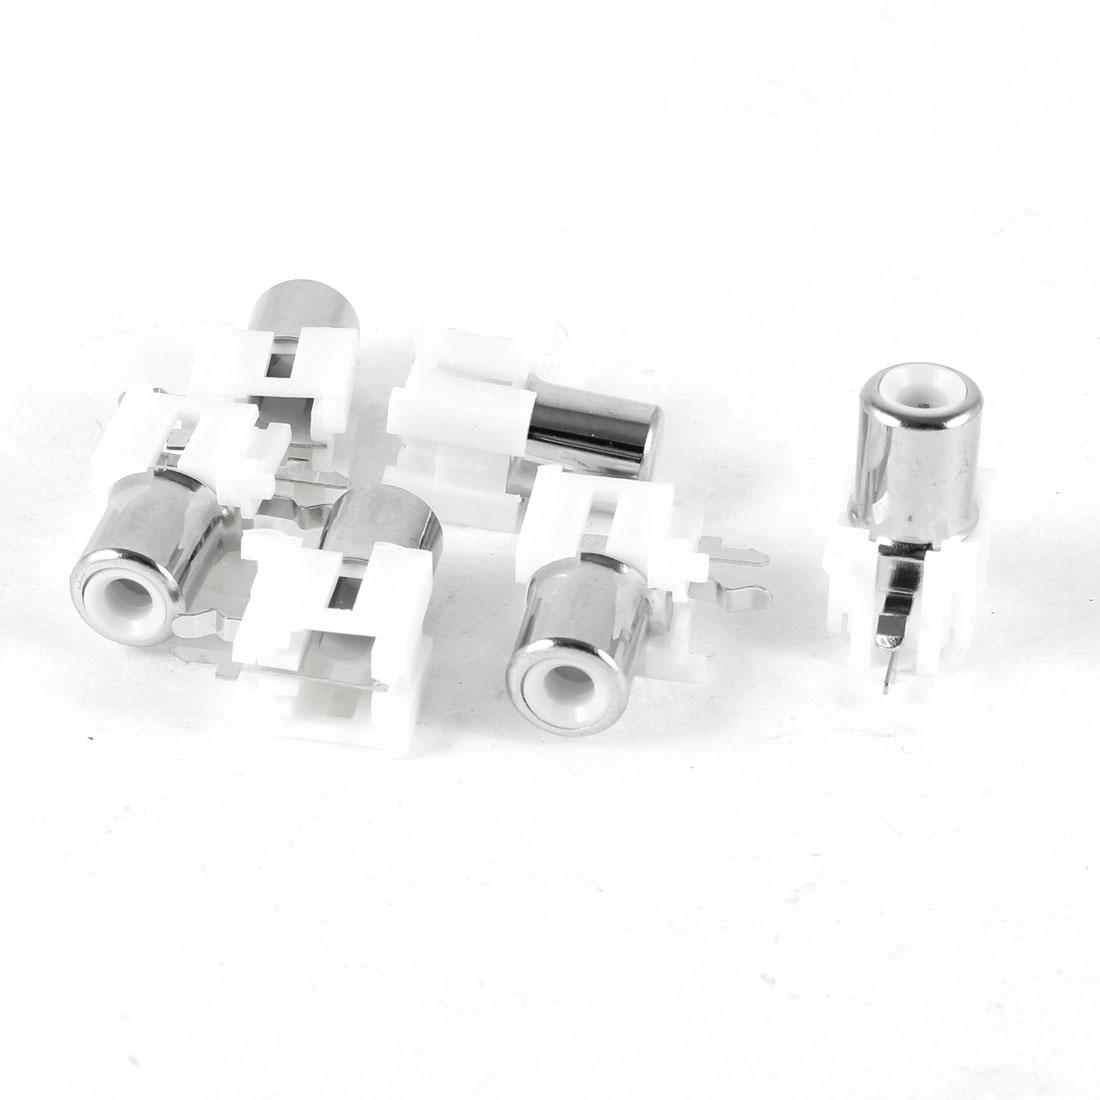 6Pcs PCB Panel Mount AV Female Jack RCA Socket Connector White - image 1 of 1